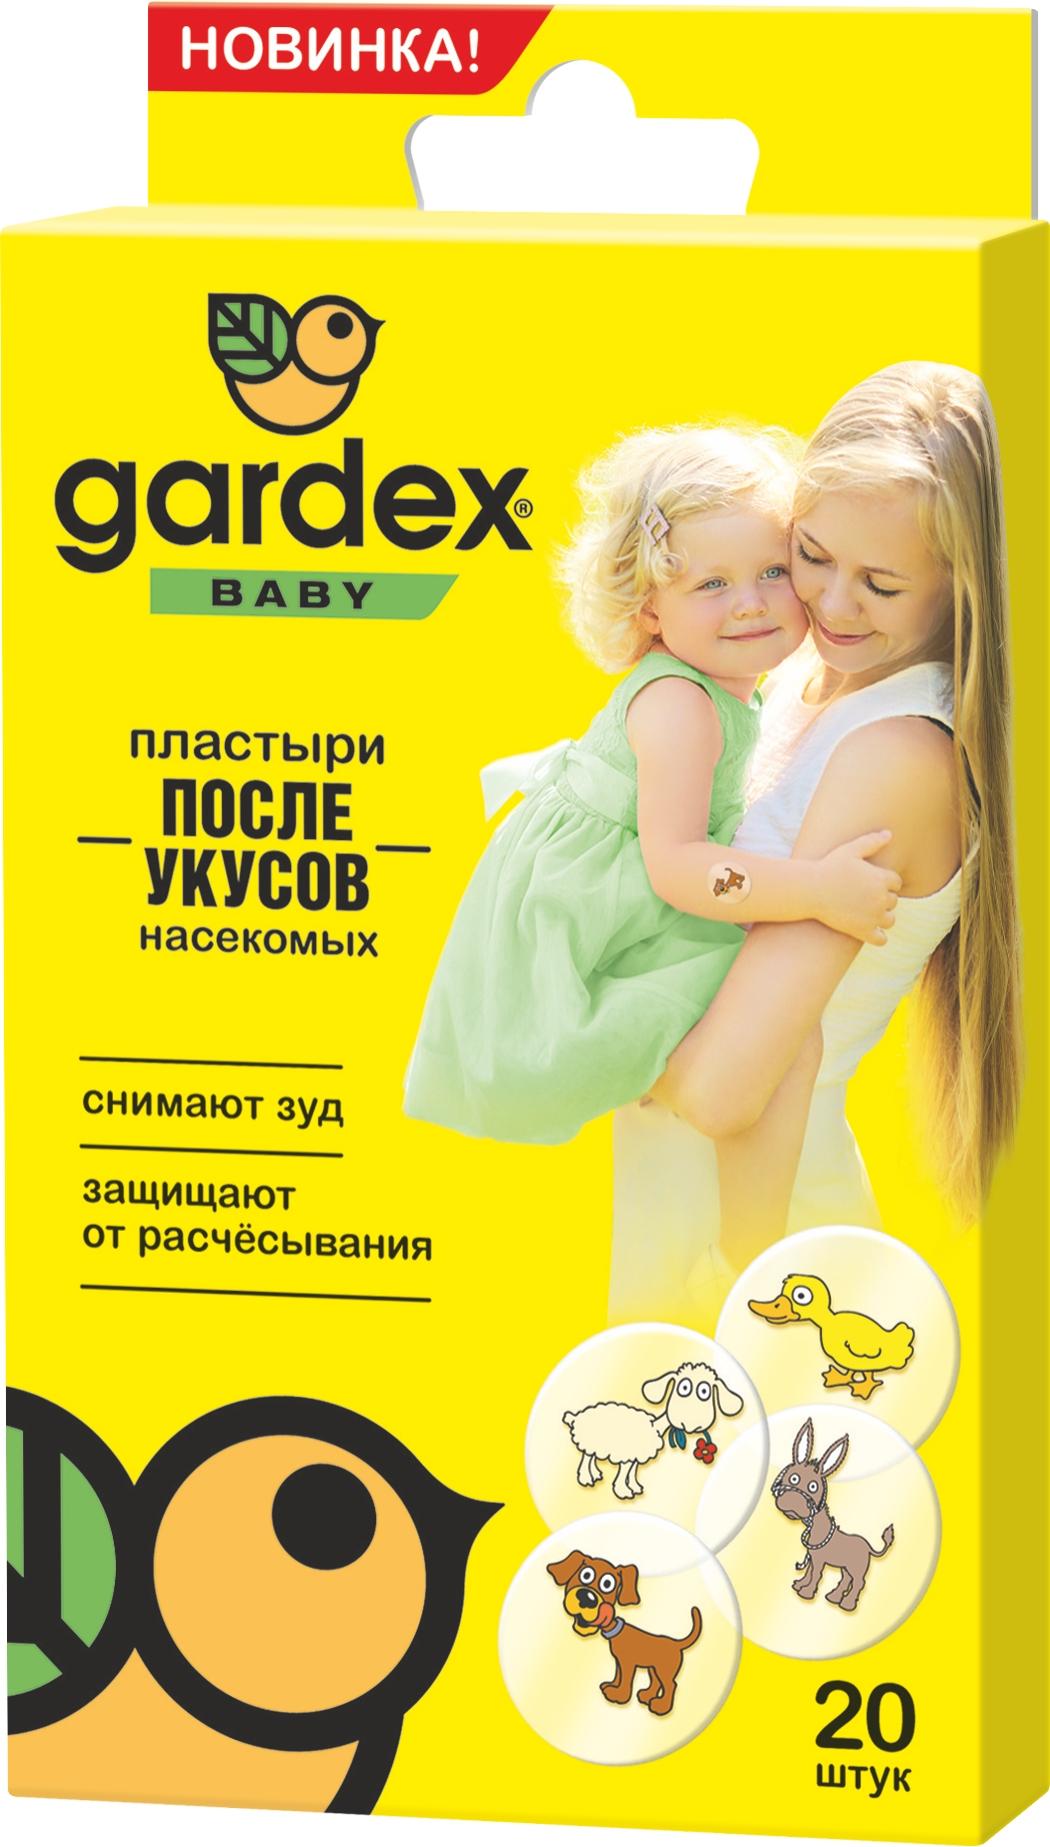 Gardex Пластыри после укусов насекомых детские